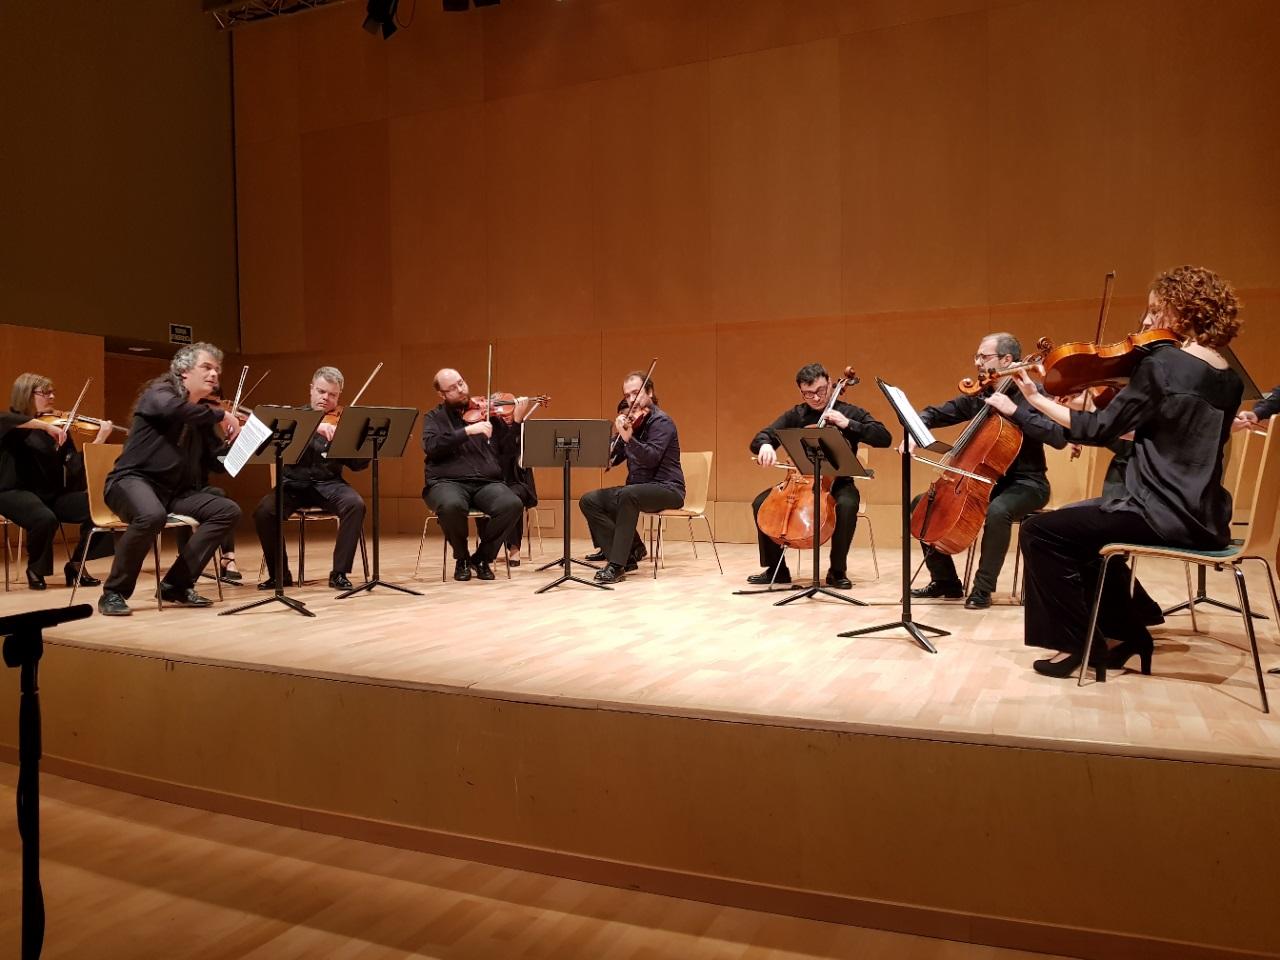 Orquestra de Cambra Terrassa 48 concert in Barcelona